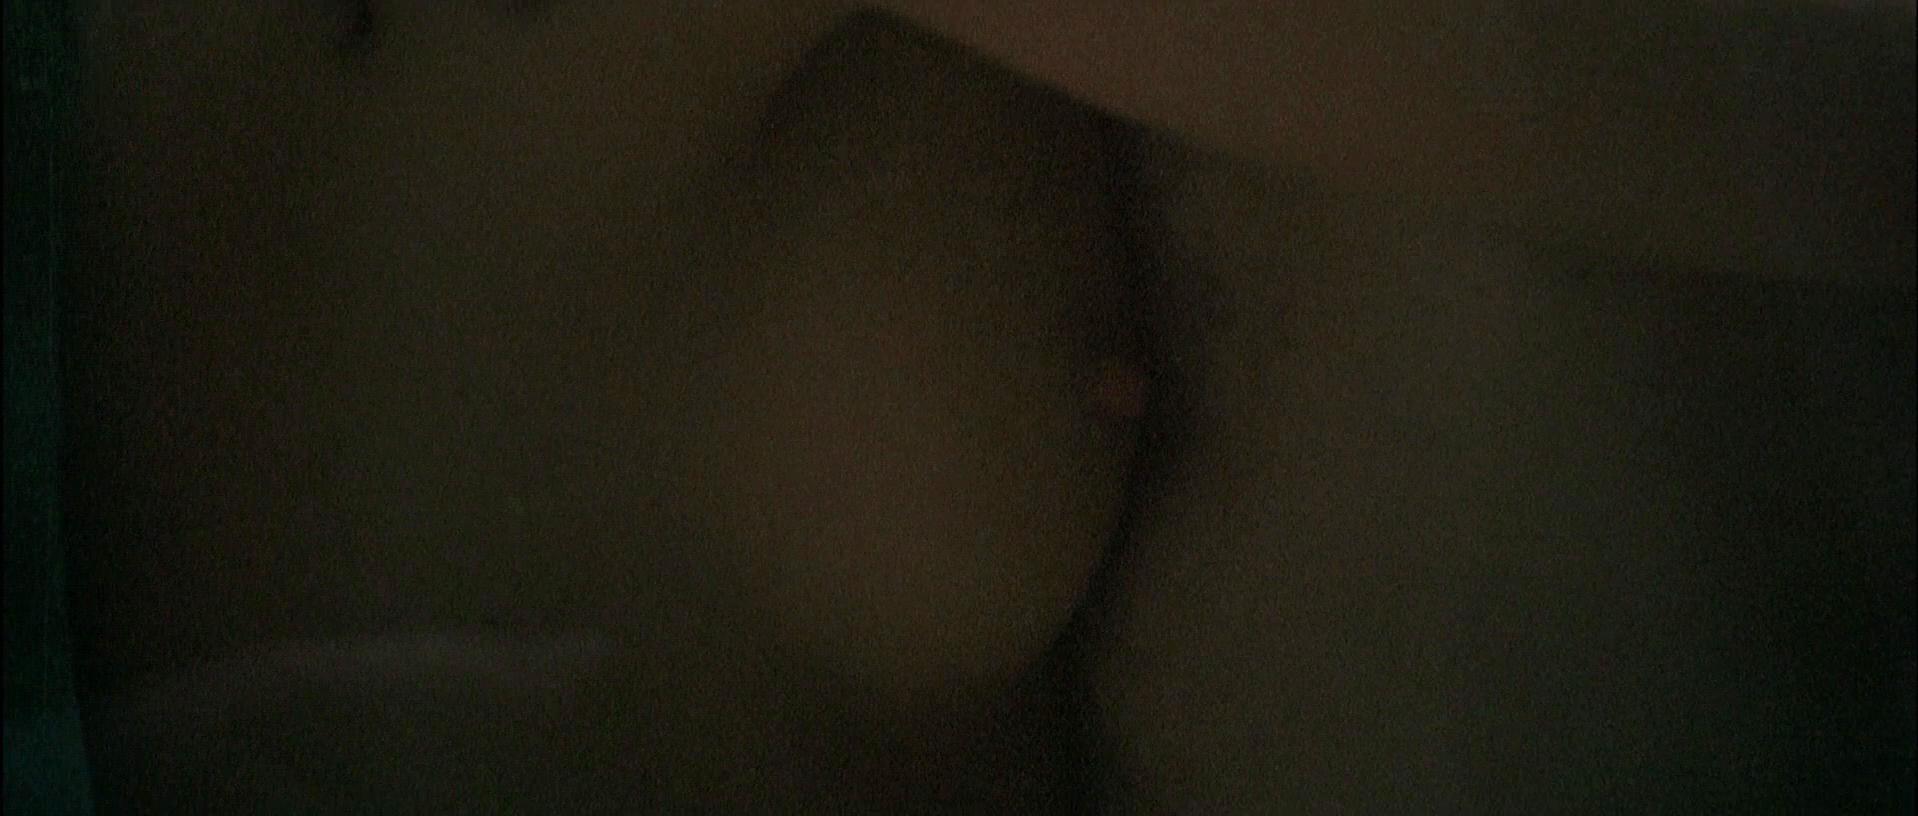 Valeria Golino nude - 36 Quai des Orfevres (2004)